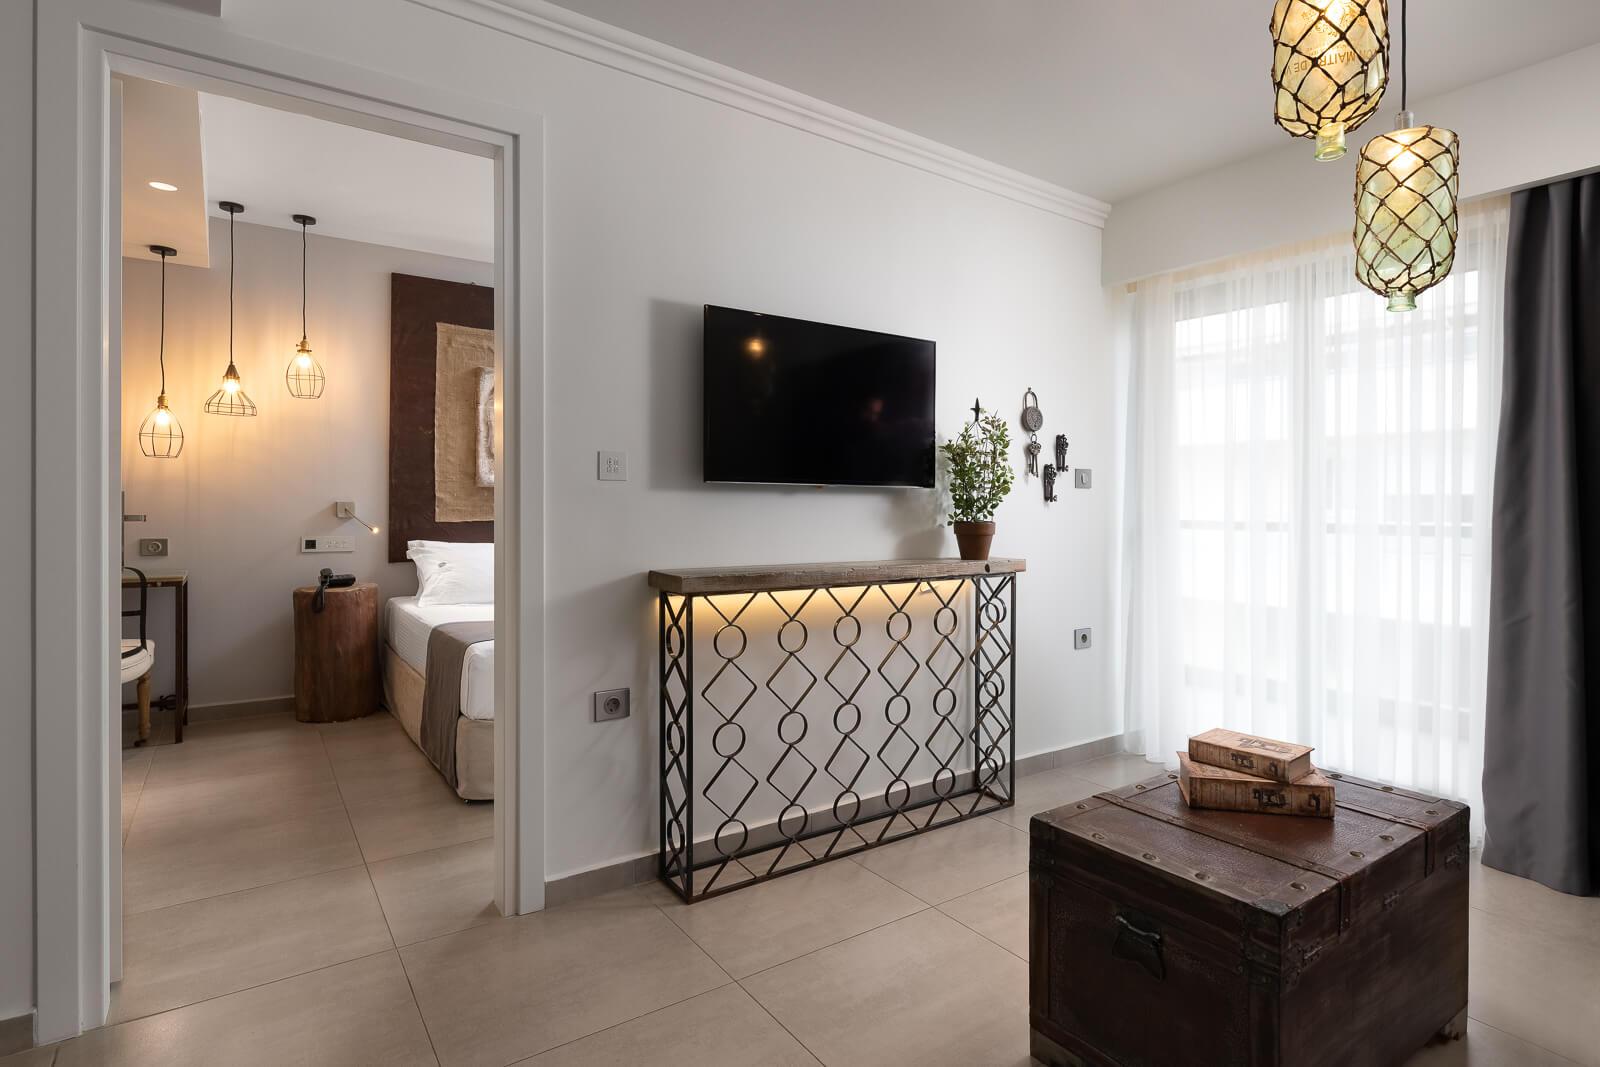 Castro Living Room - Elakati Luxury Boutique Hotel in Rhodes